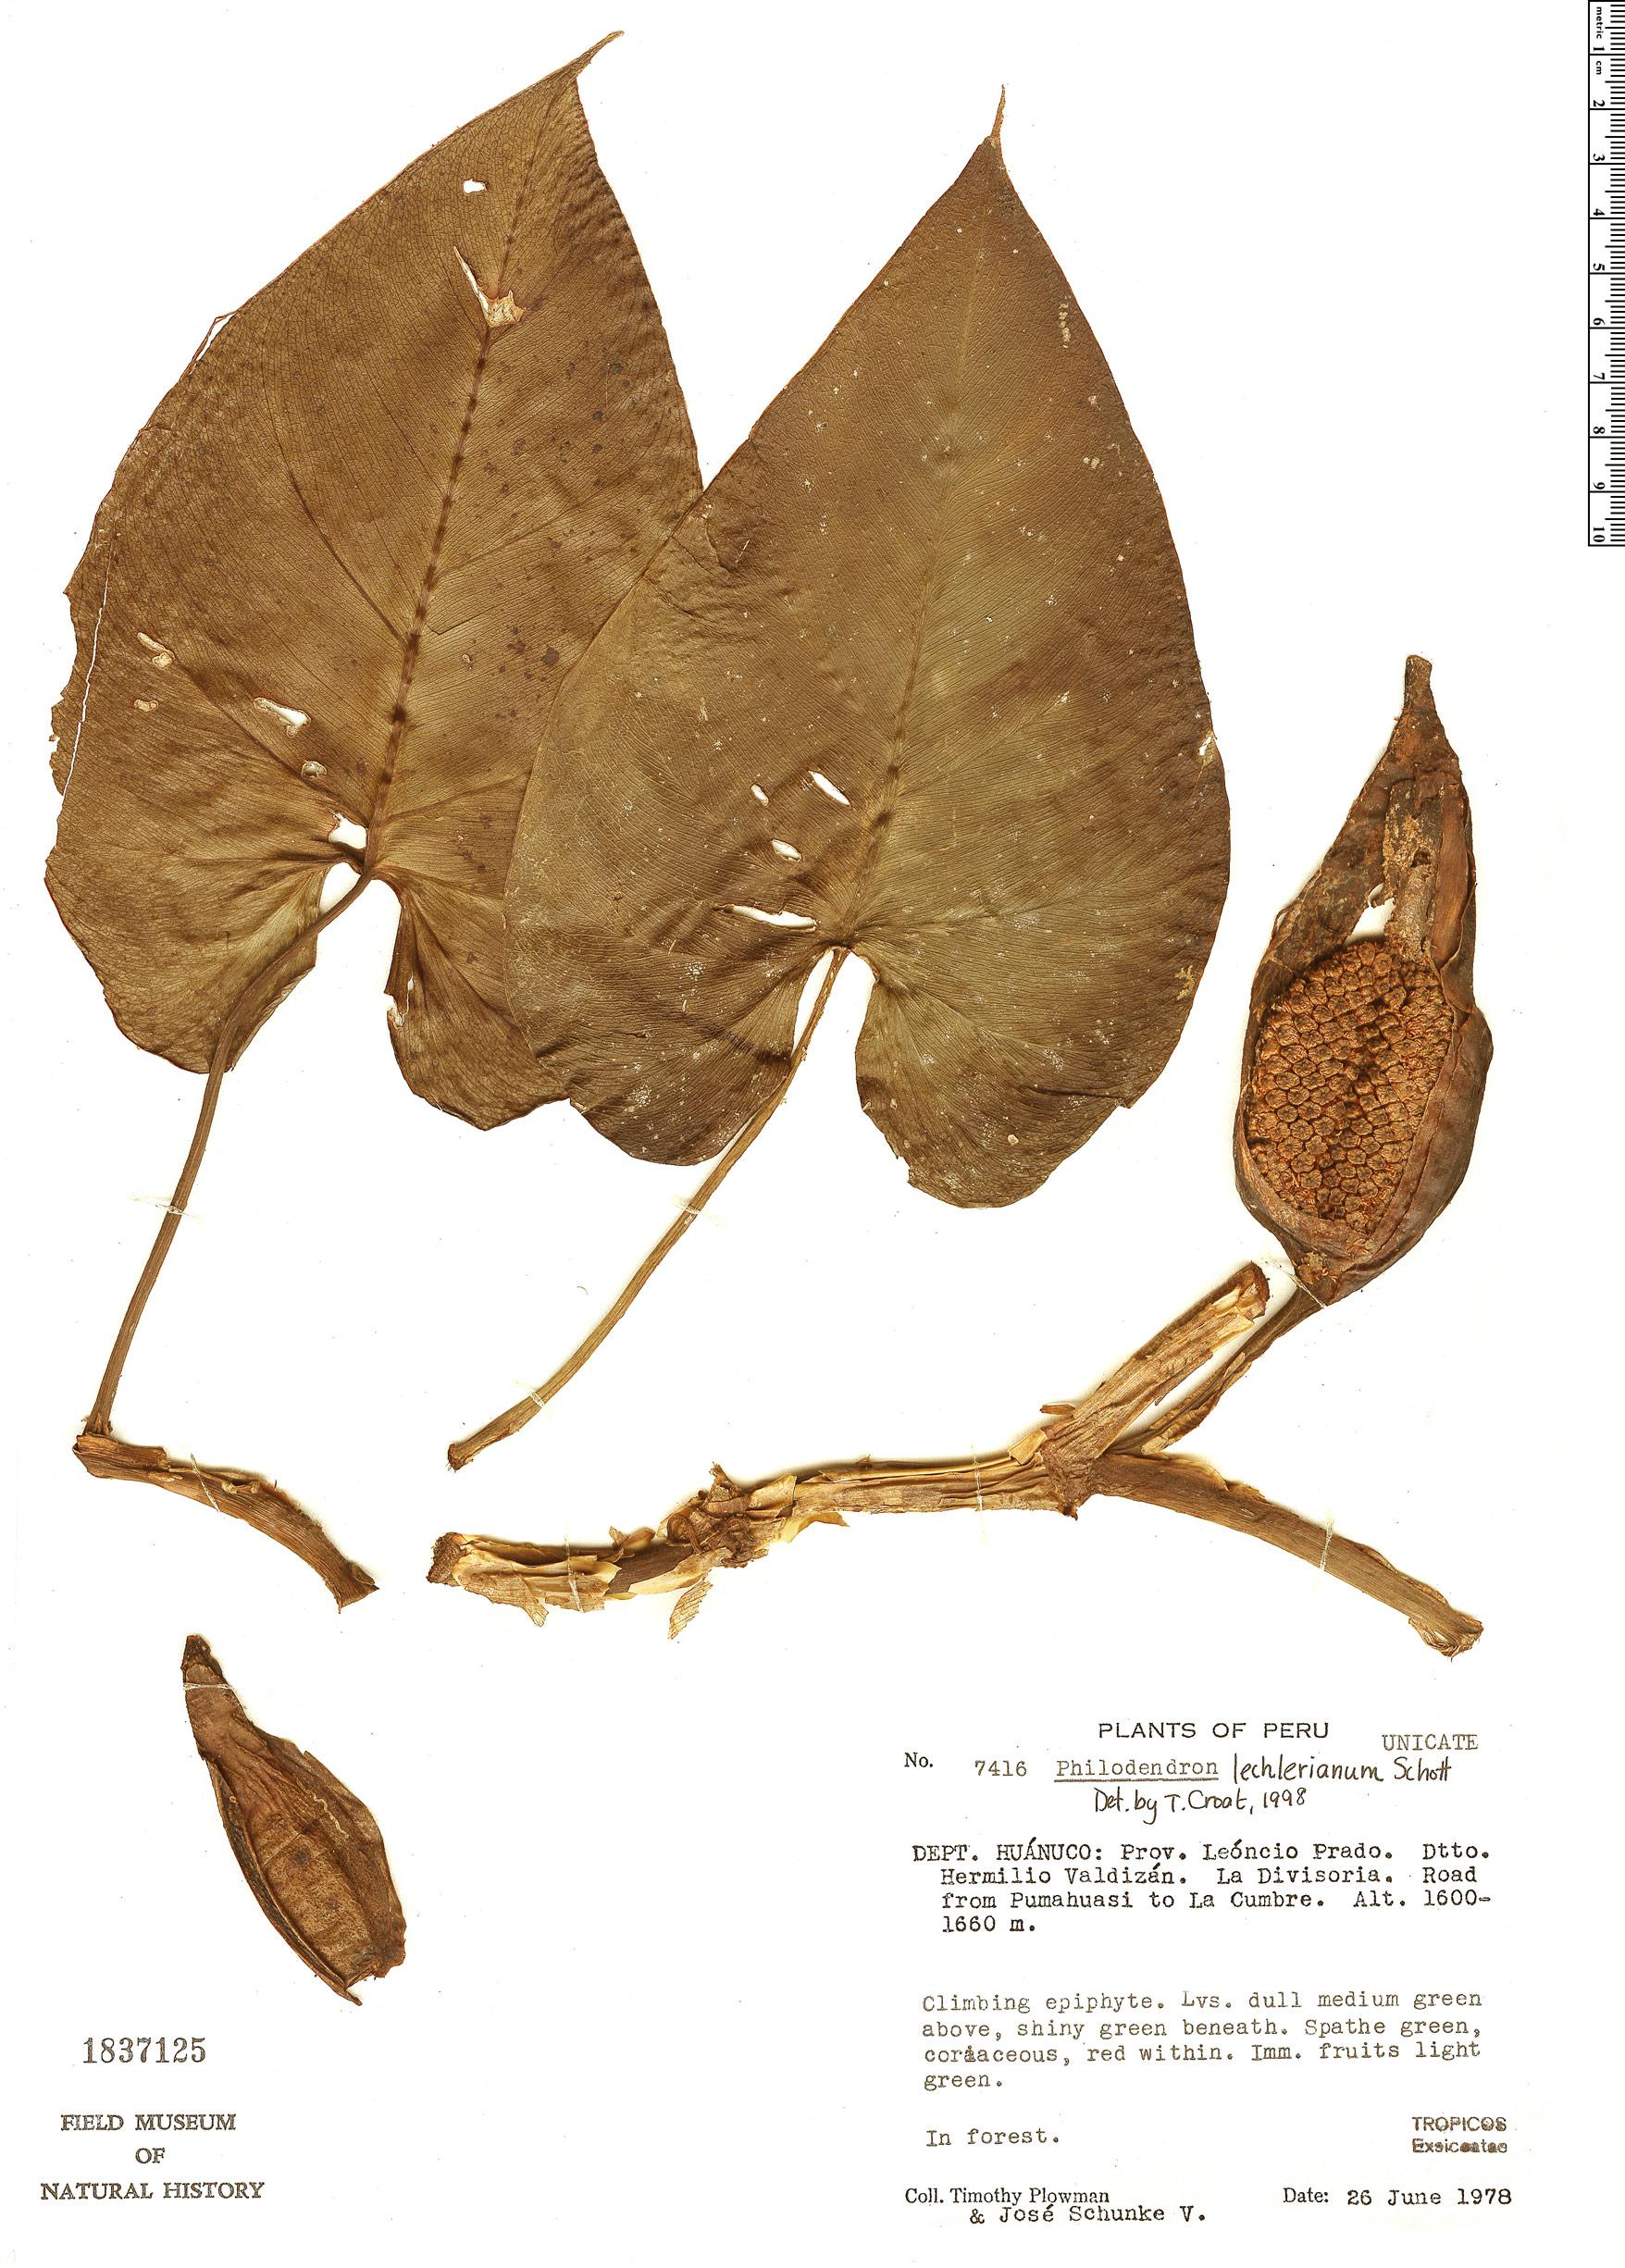 Specimen: Philodendron lechlerianum